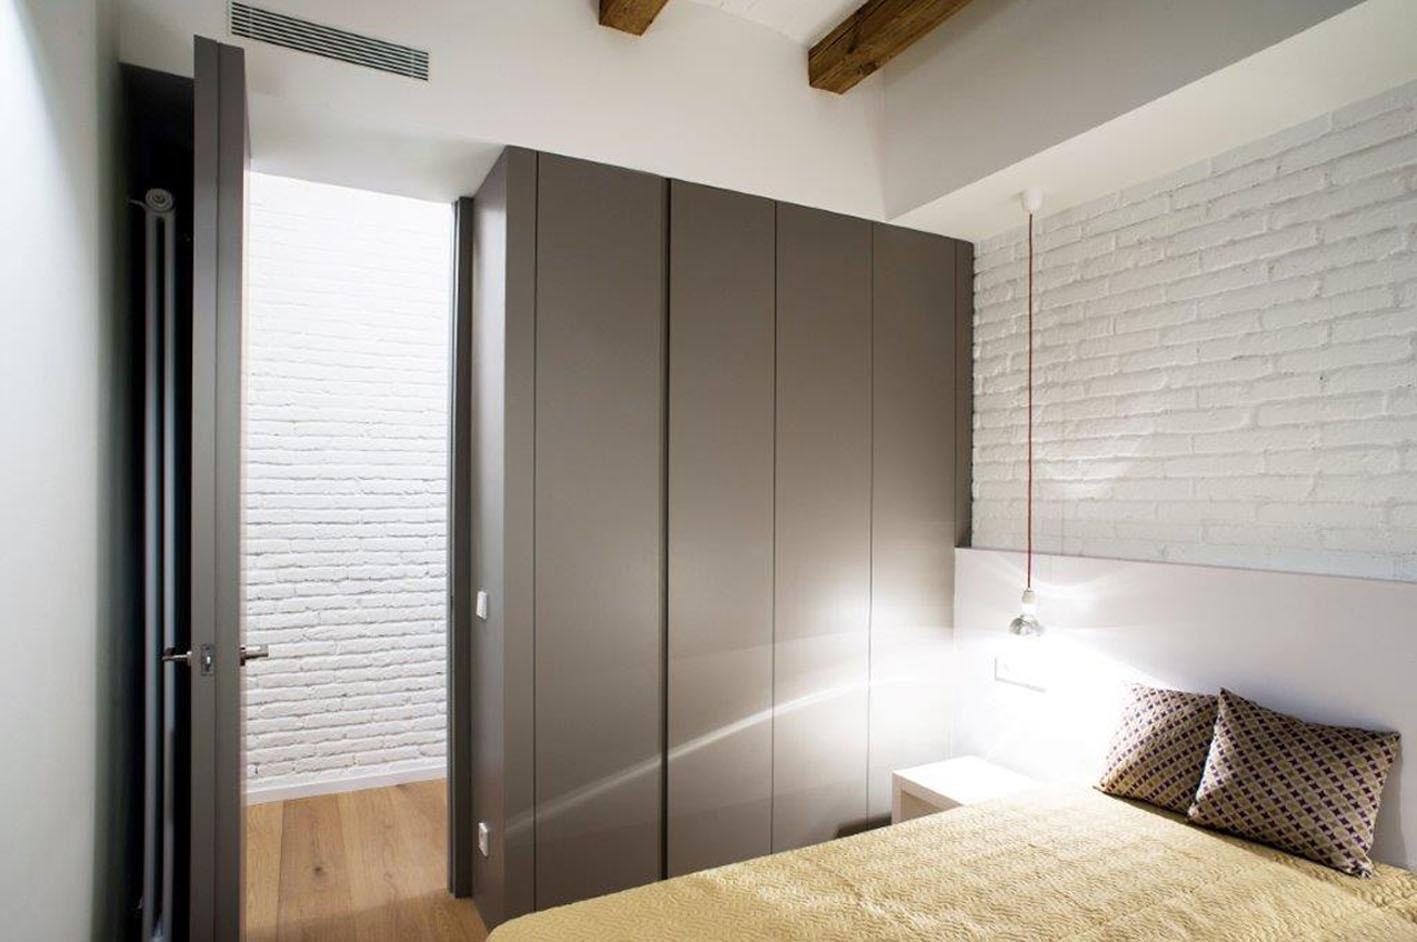 Reforma integral de piso pasante del ensanche de Barcelona / M2arquitectura . Image © Gerard García Vilarrasa